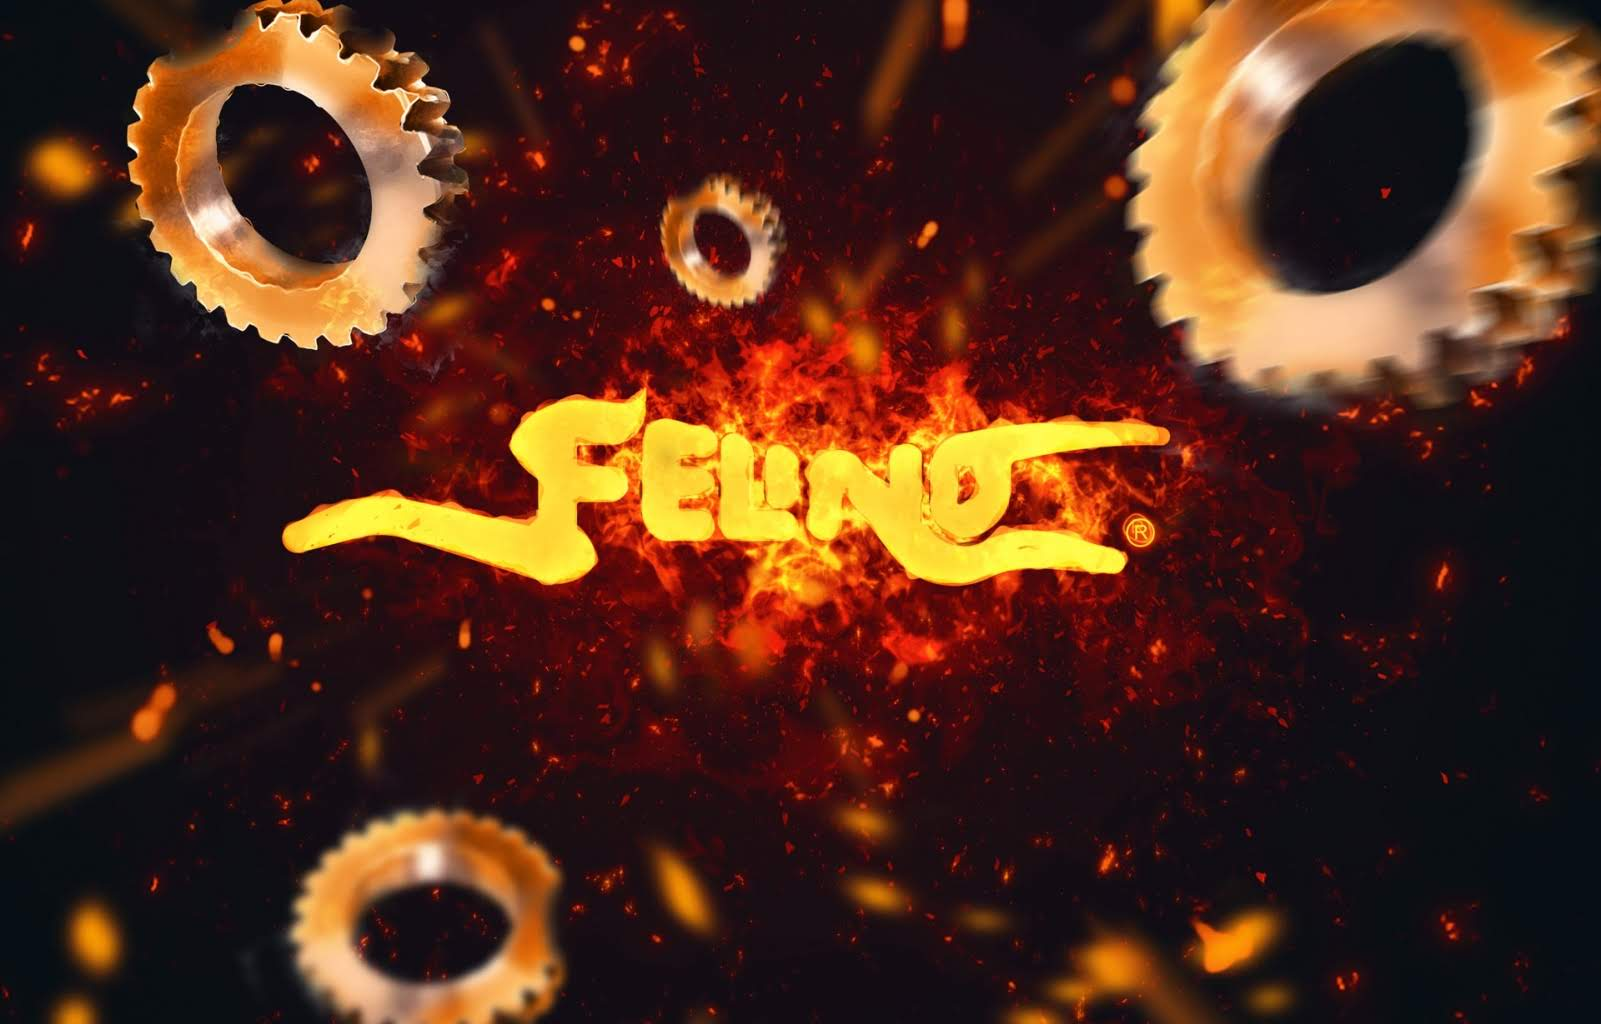 felino-anuncio_revista_11